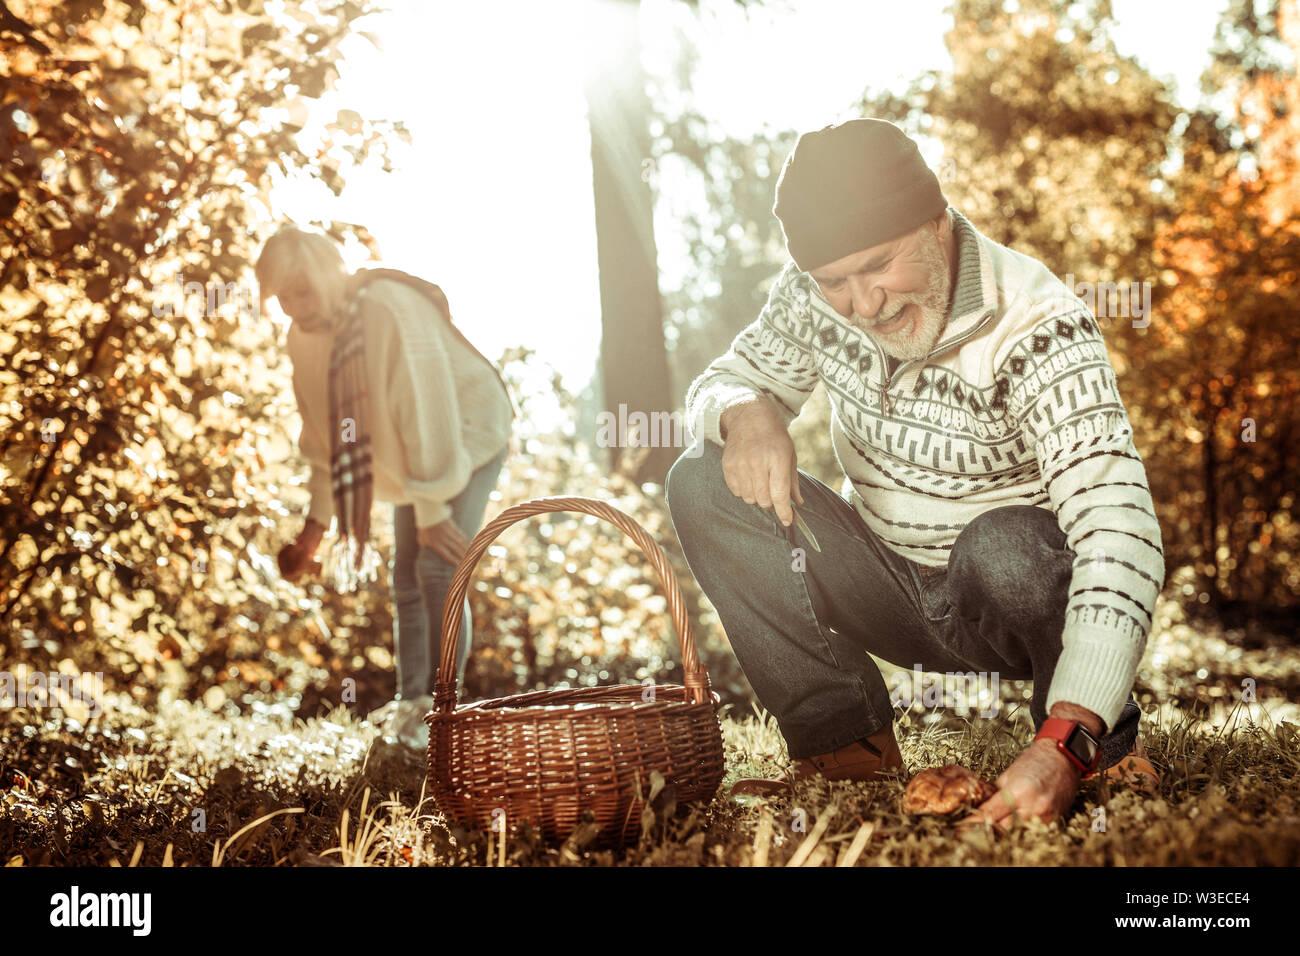 Heureux homme âgé va couper un champignon. Photo Stock